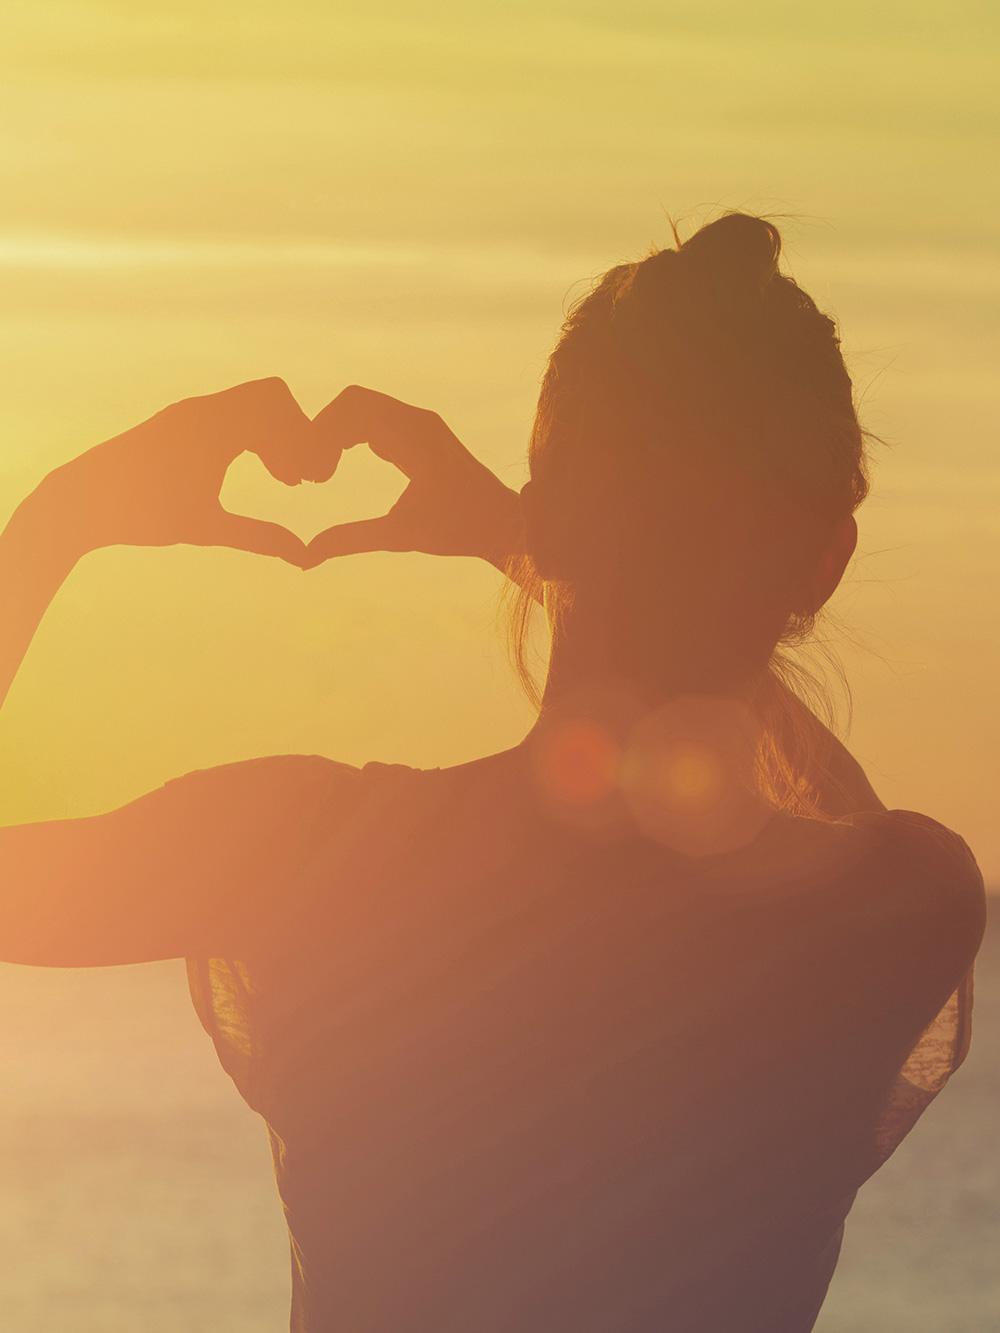 Kommuniziere mit deinem Herzen